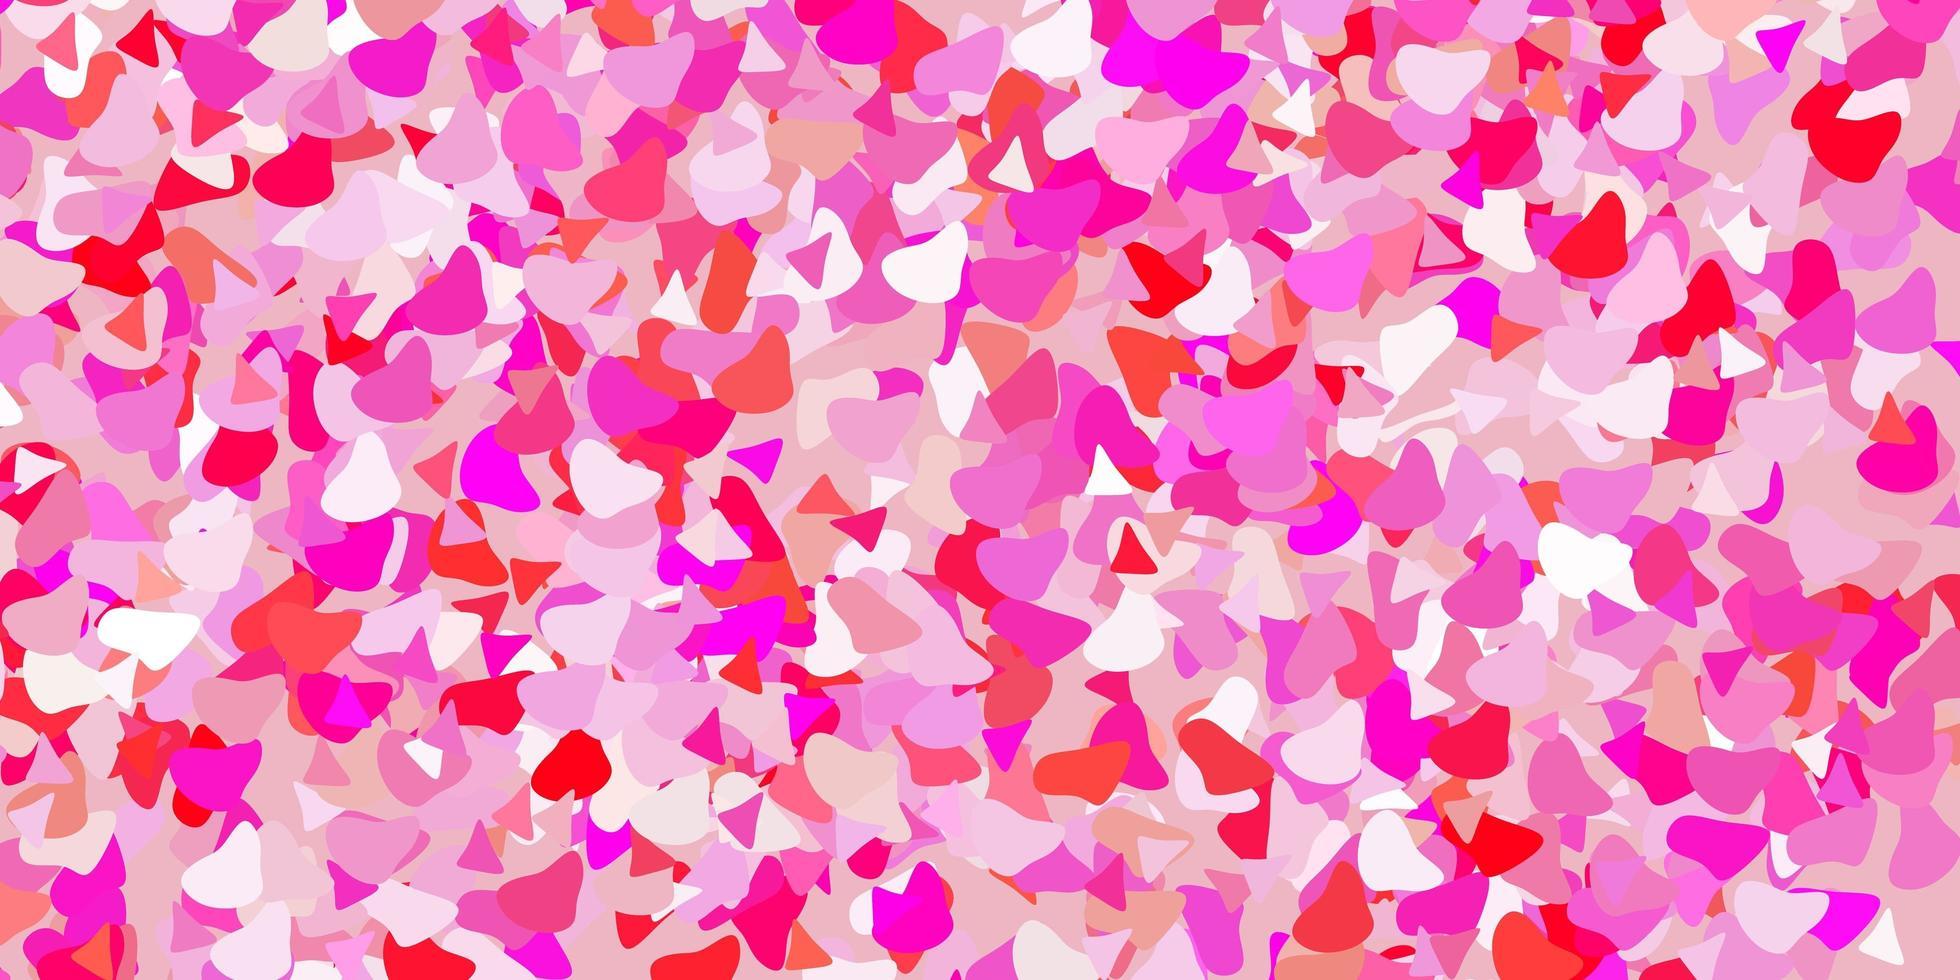 modèle vectoriel rose clair avec des formes abstraites.